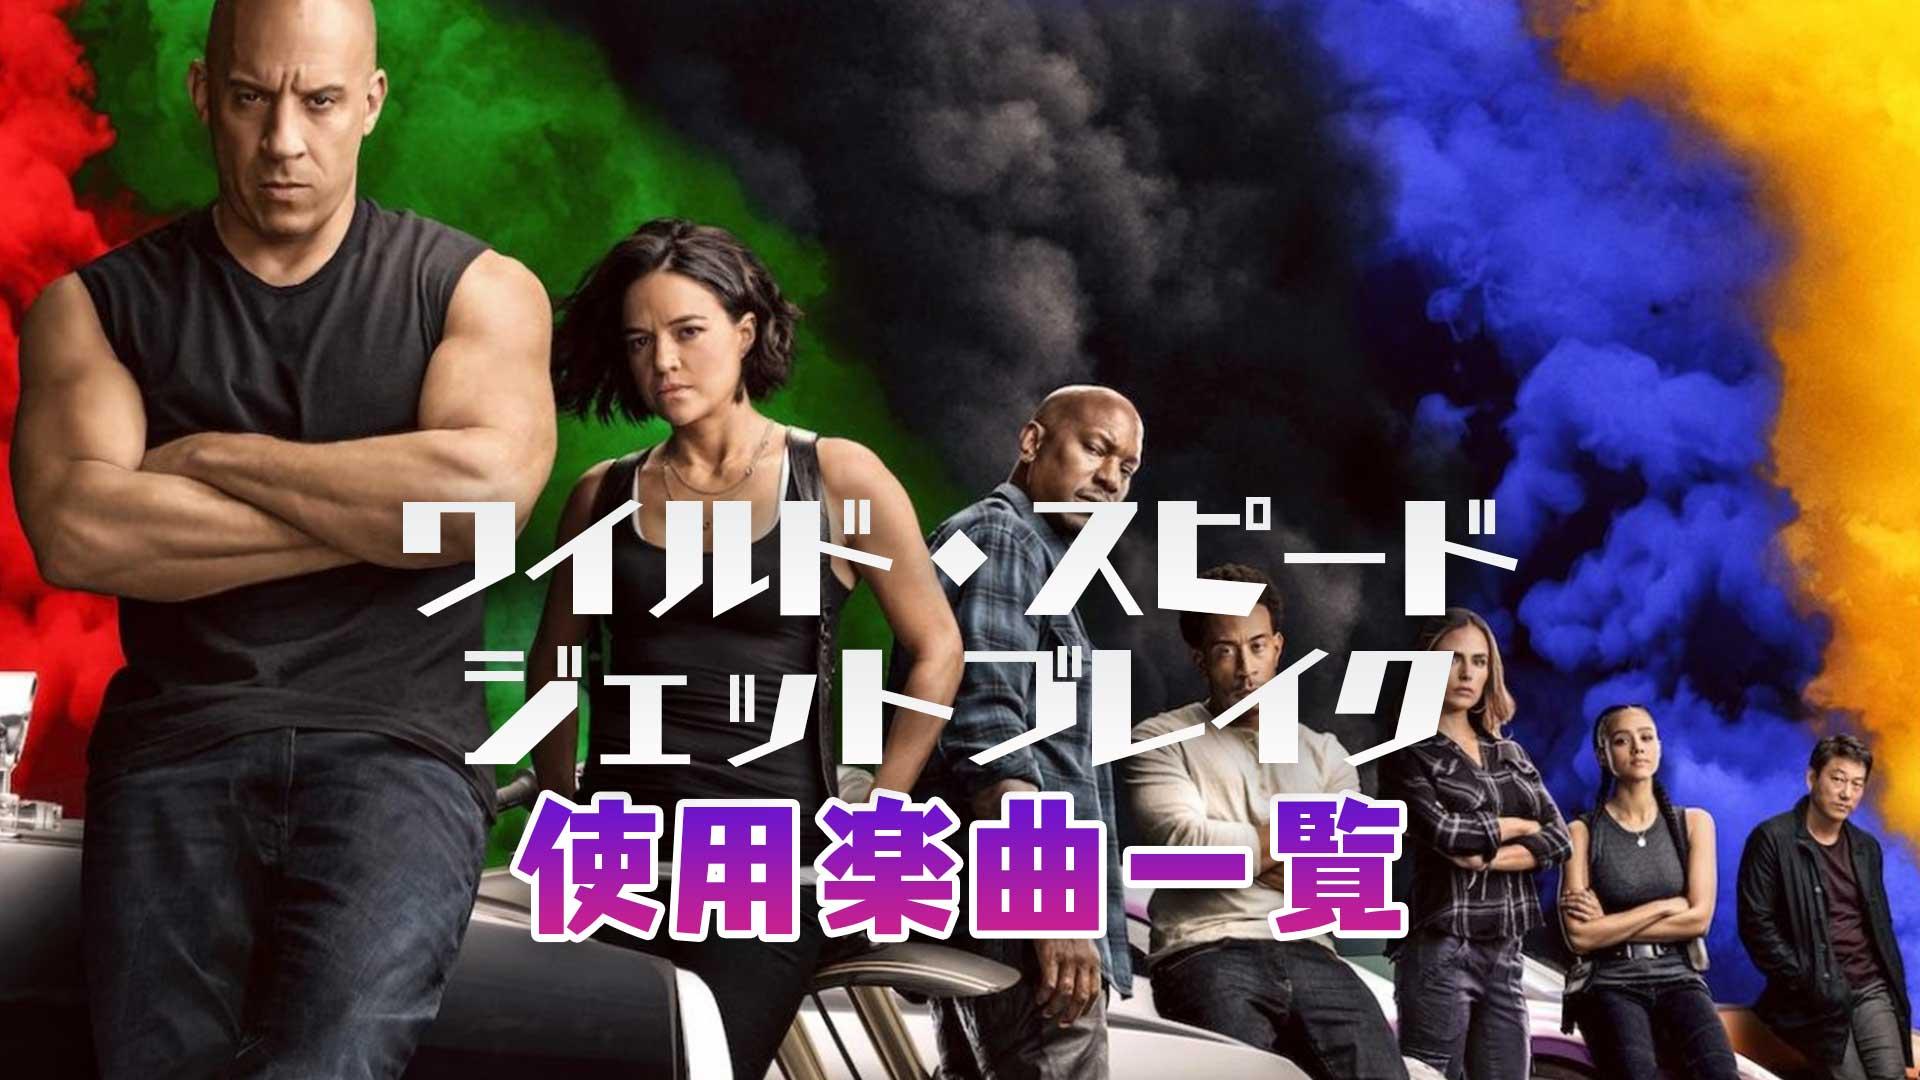 映画『ワイルド・スピード ジェットブレイク』で使われている曲まとめ!